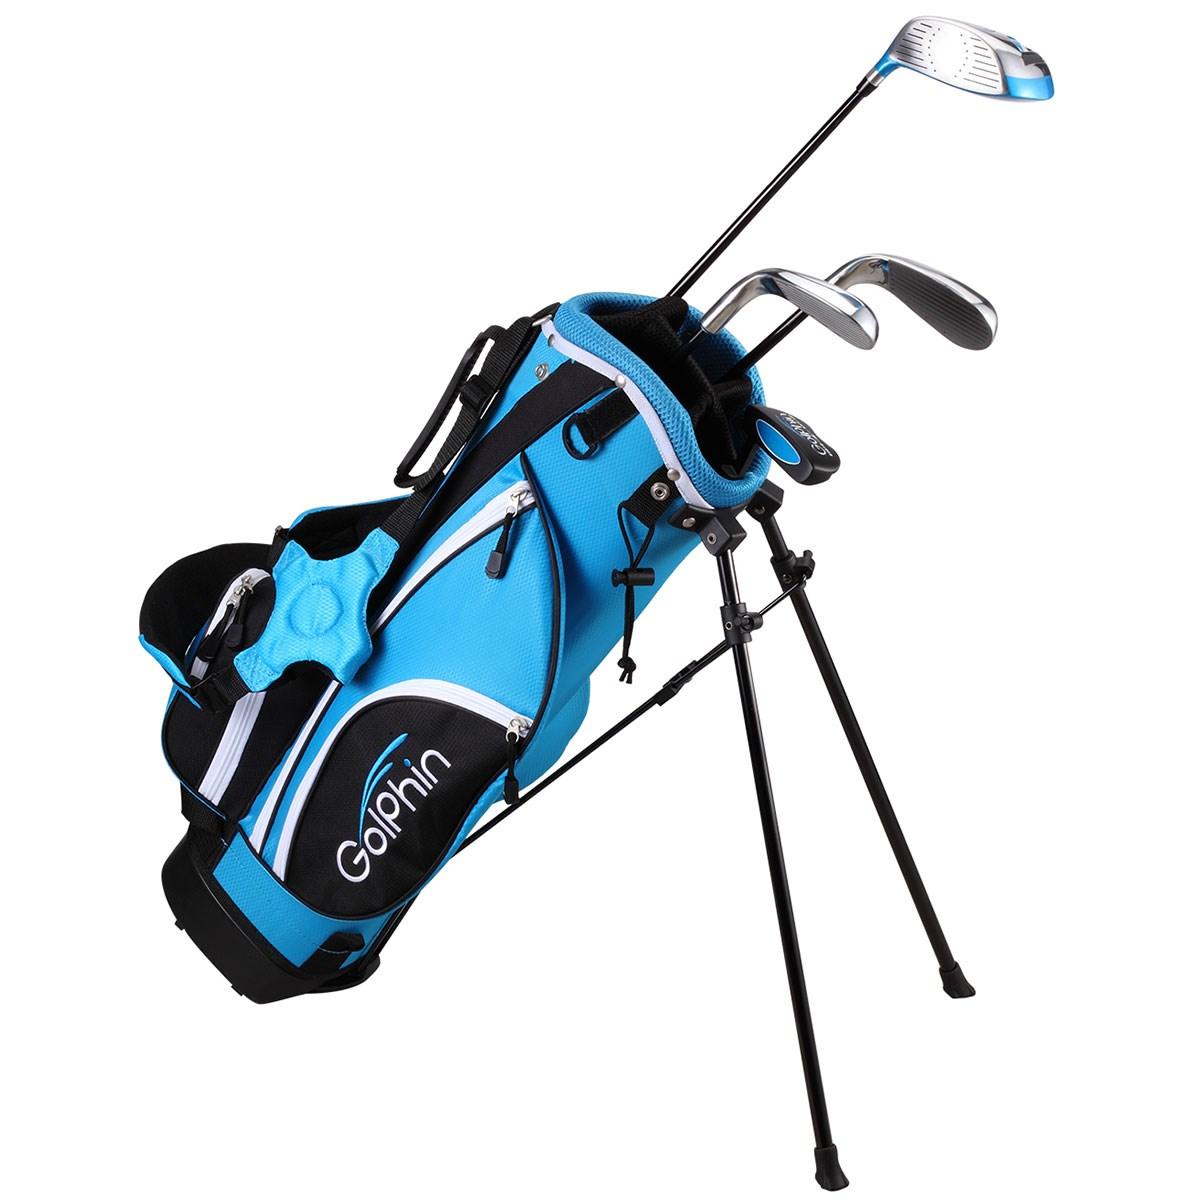 ダイヤゴルフ ゴルフィン クラブセット728(4本セット) 7-8歳用ジュニア